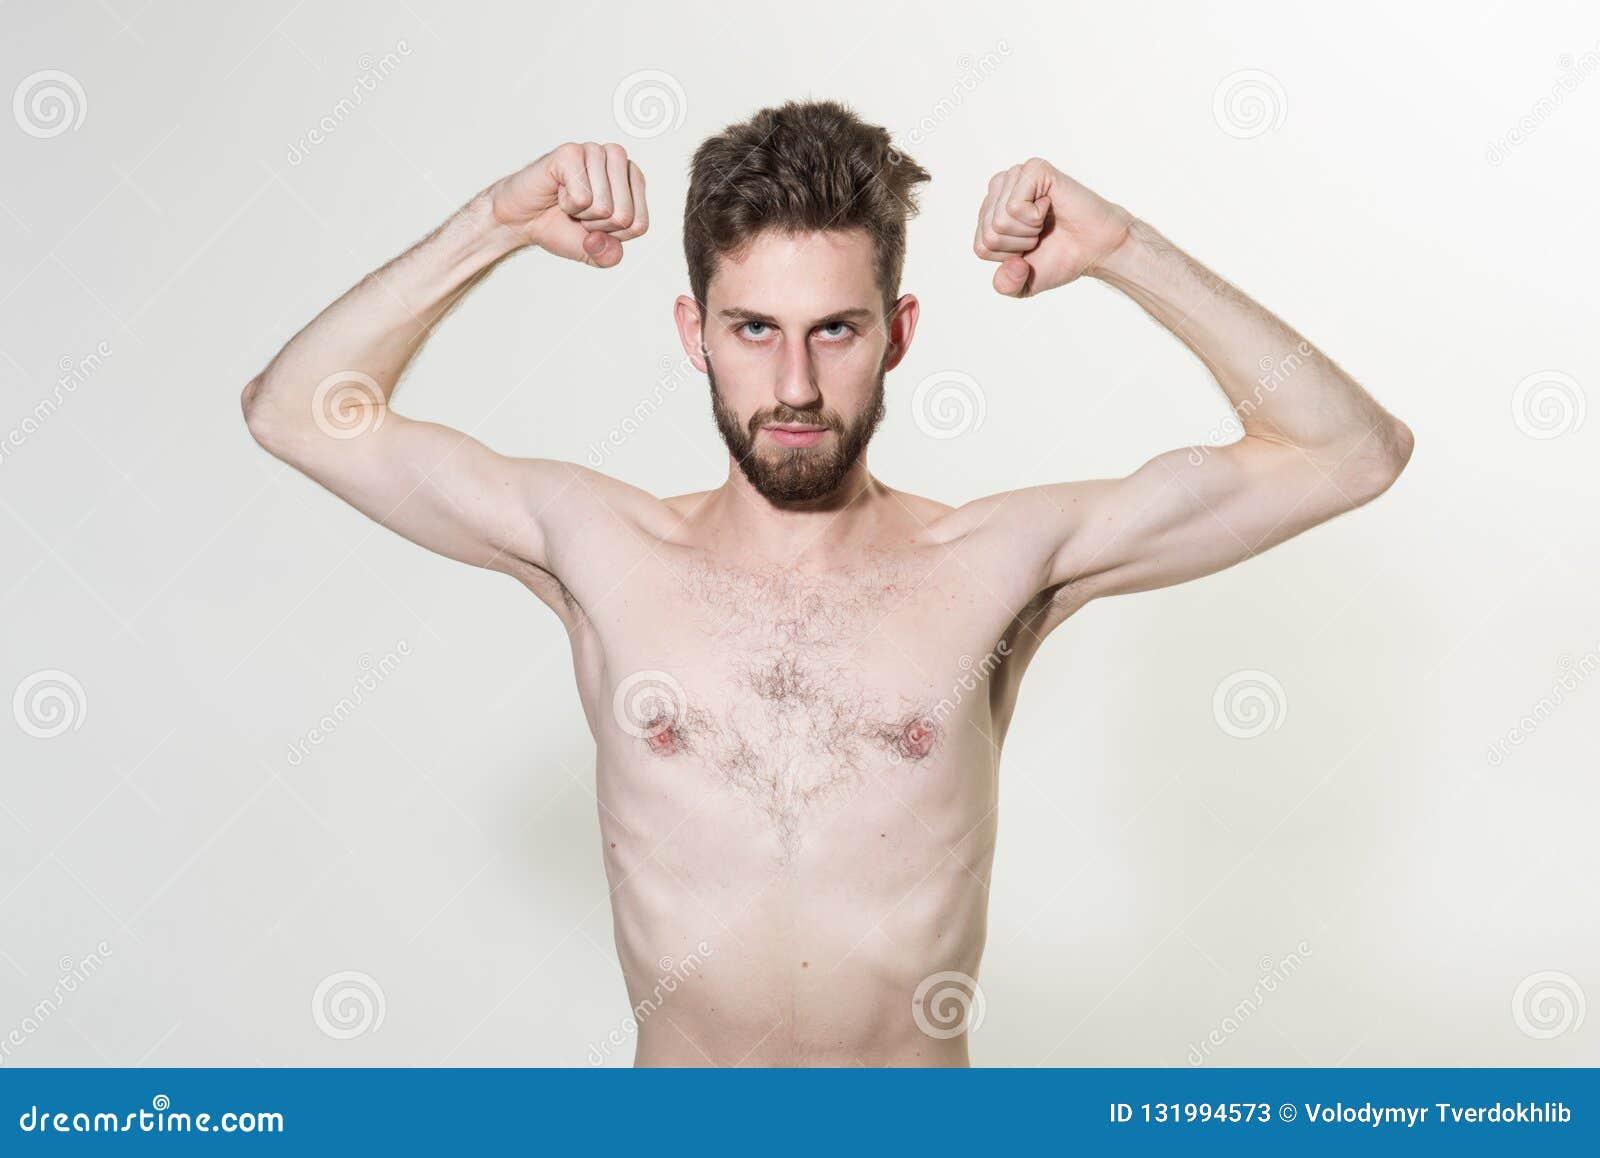 Dünne Arme Des Jungen Mannes Flex Dünner Mann